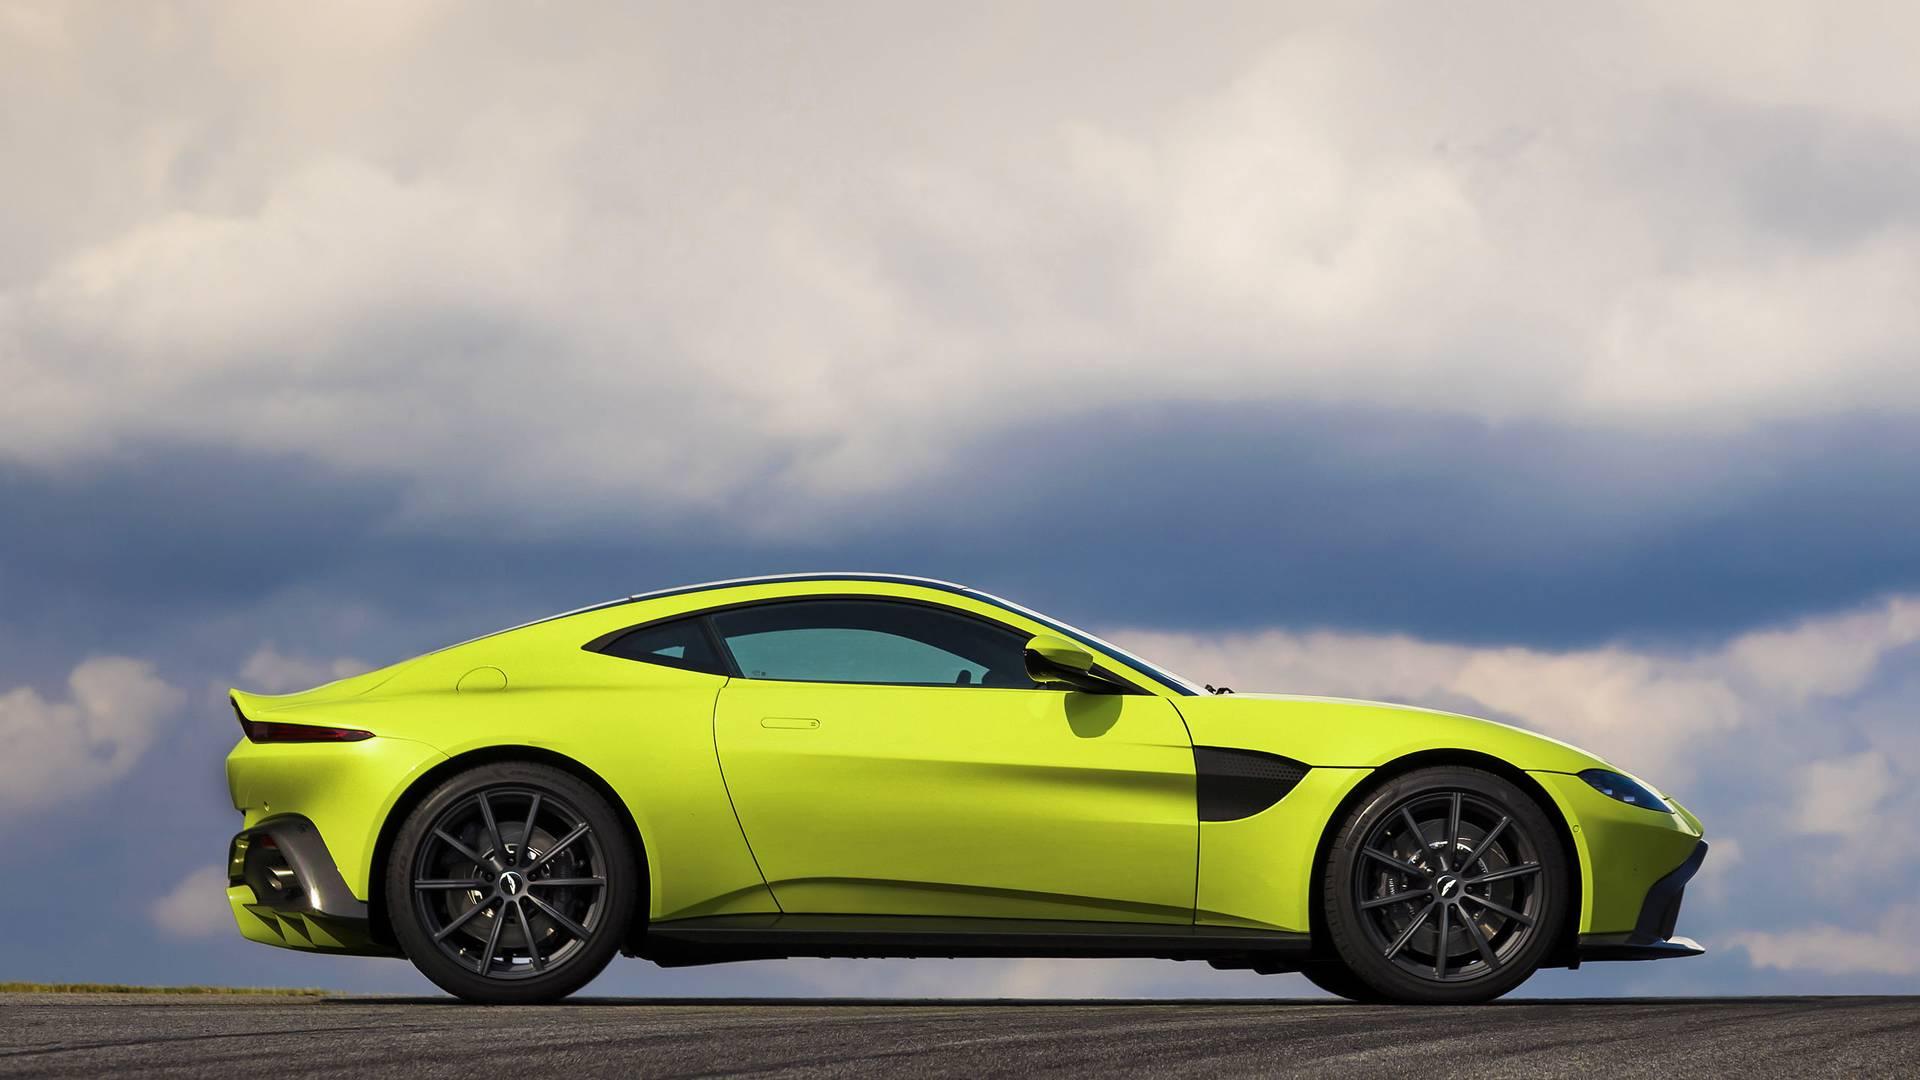 Aston Martin Vantage Prepares To Take On The Porsche - 2018 aston martin vantage